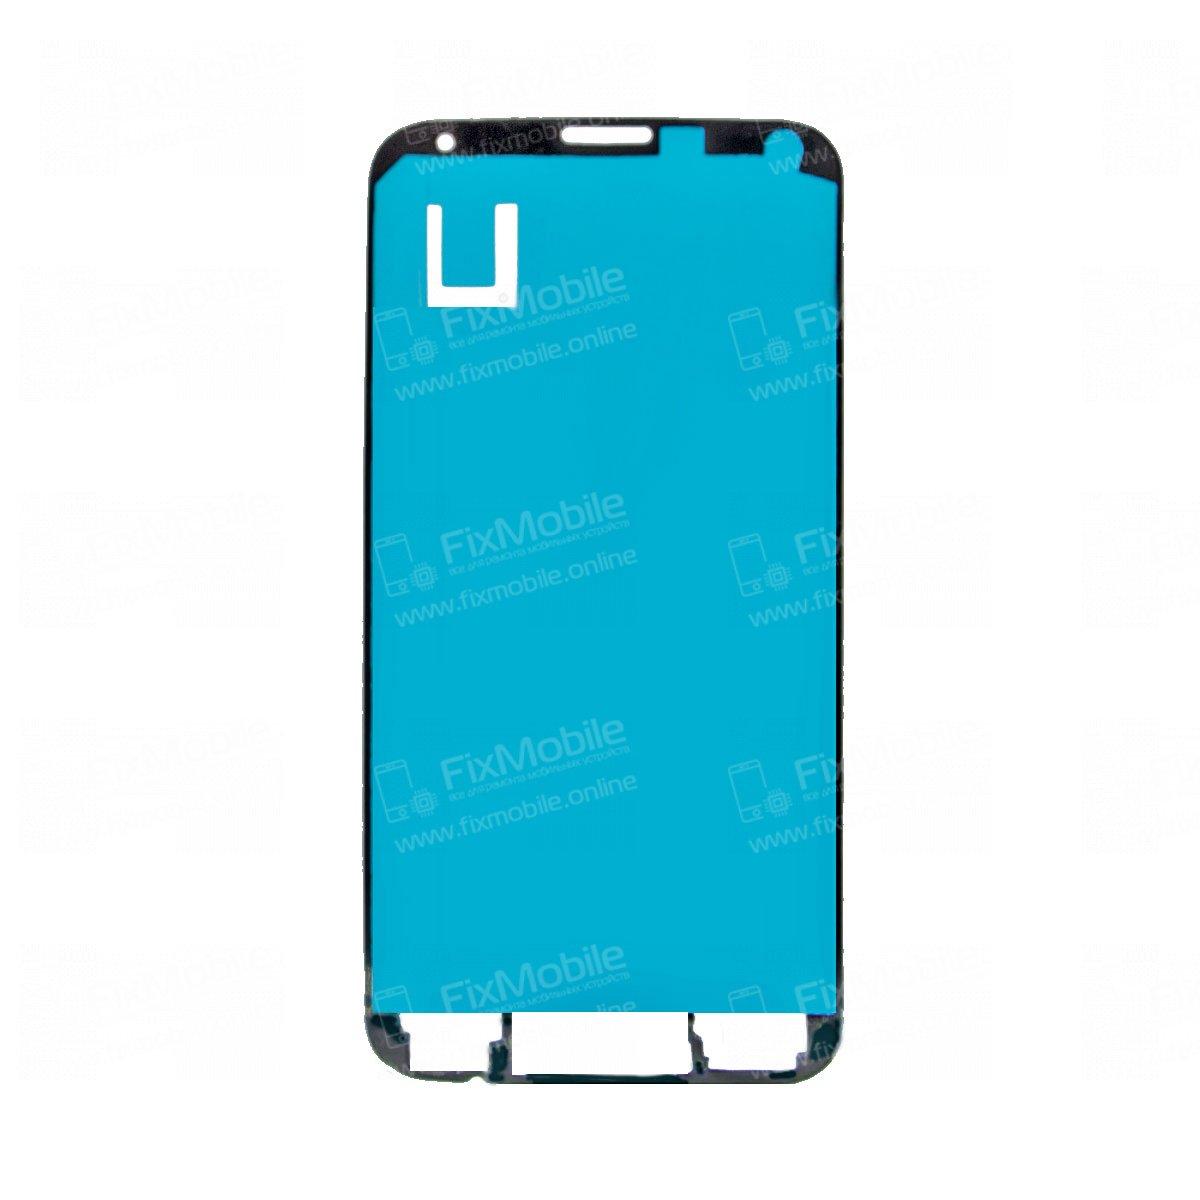 Скотч для Samsung Galaxy S4 для сборки